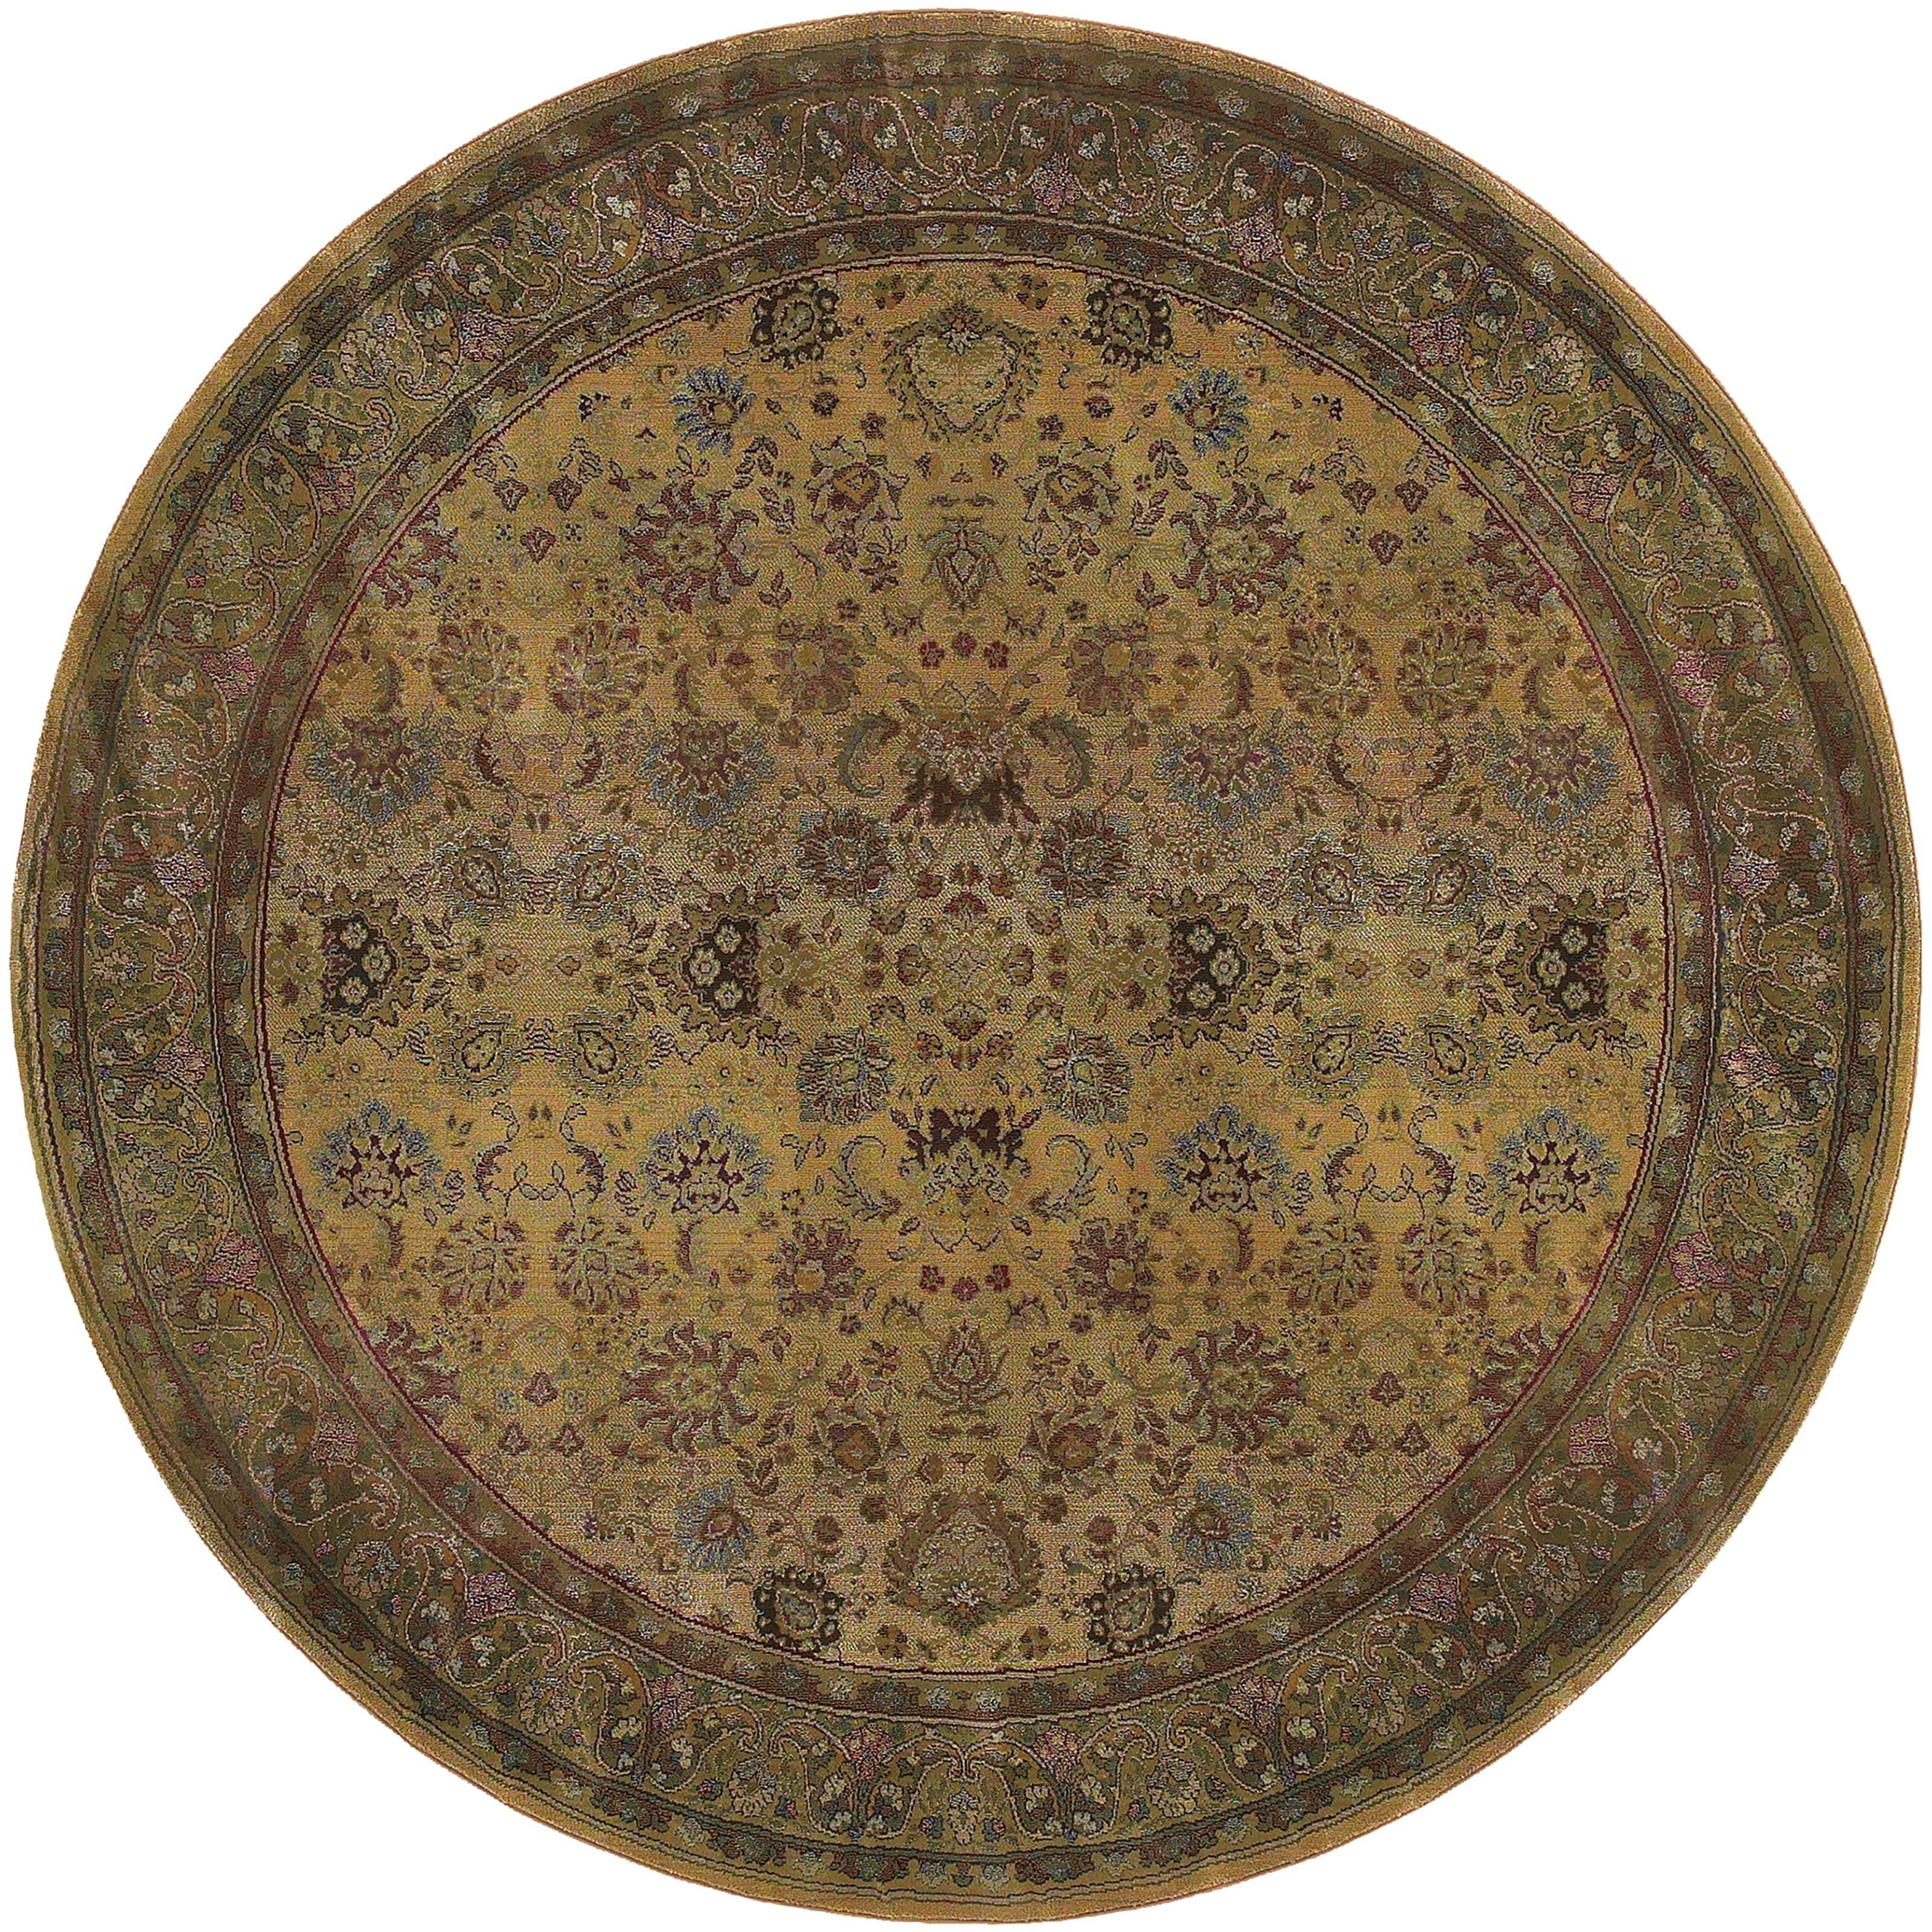 Oriental Weavers Generations 8' Rug - Item Number: G3434J240240ST